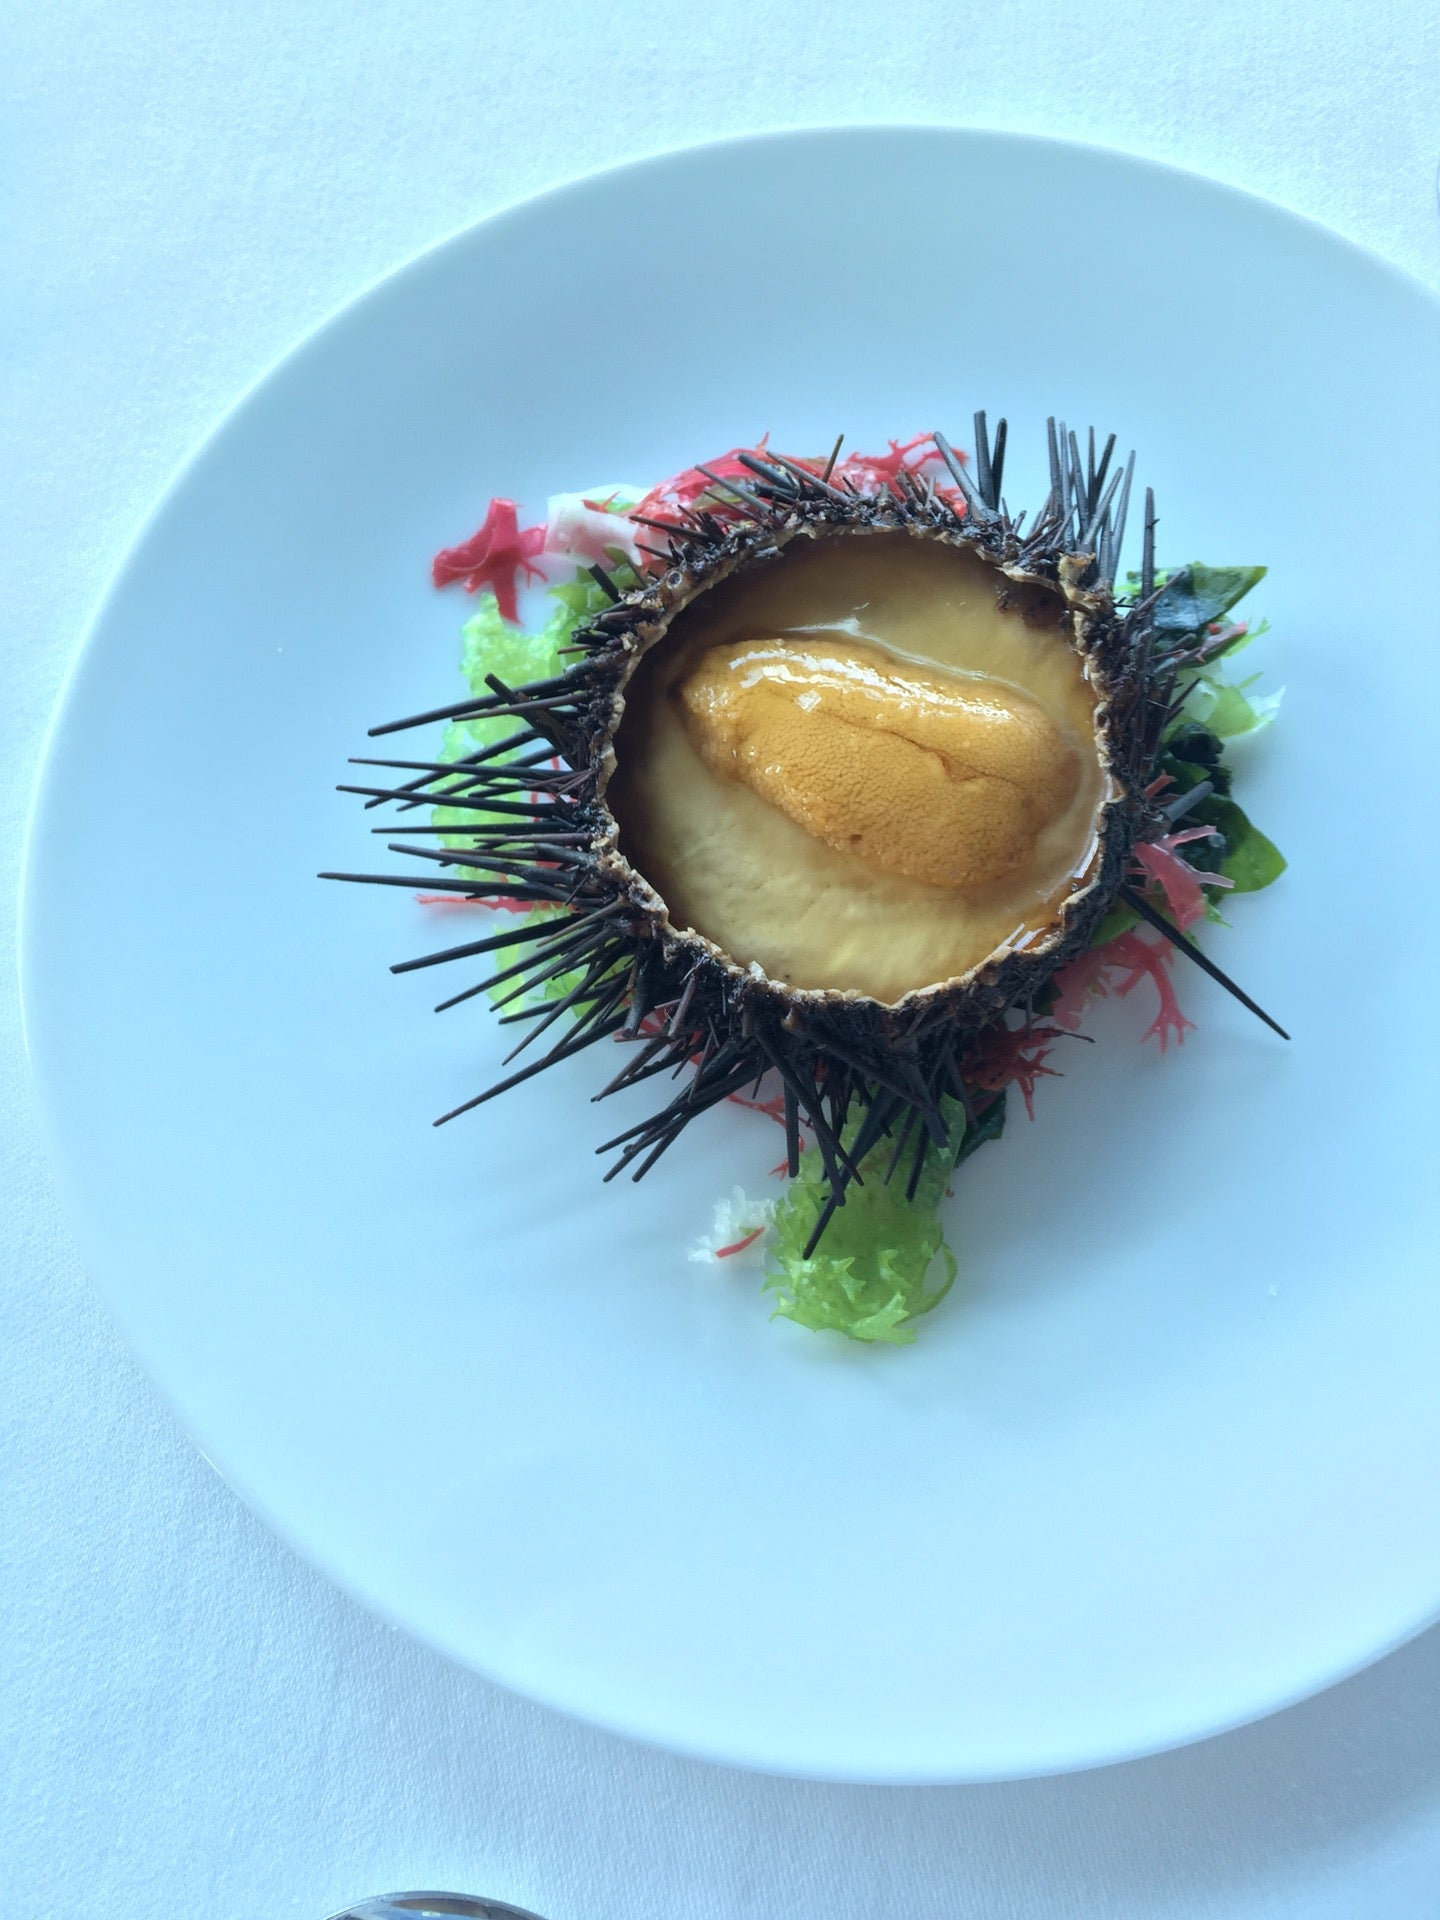 相片 - 位於新橋・汐留的フィッシュバンク トーキョー | Steak  - 東京